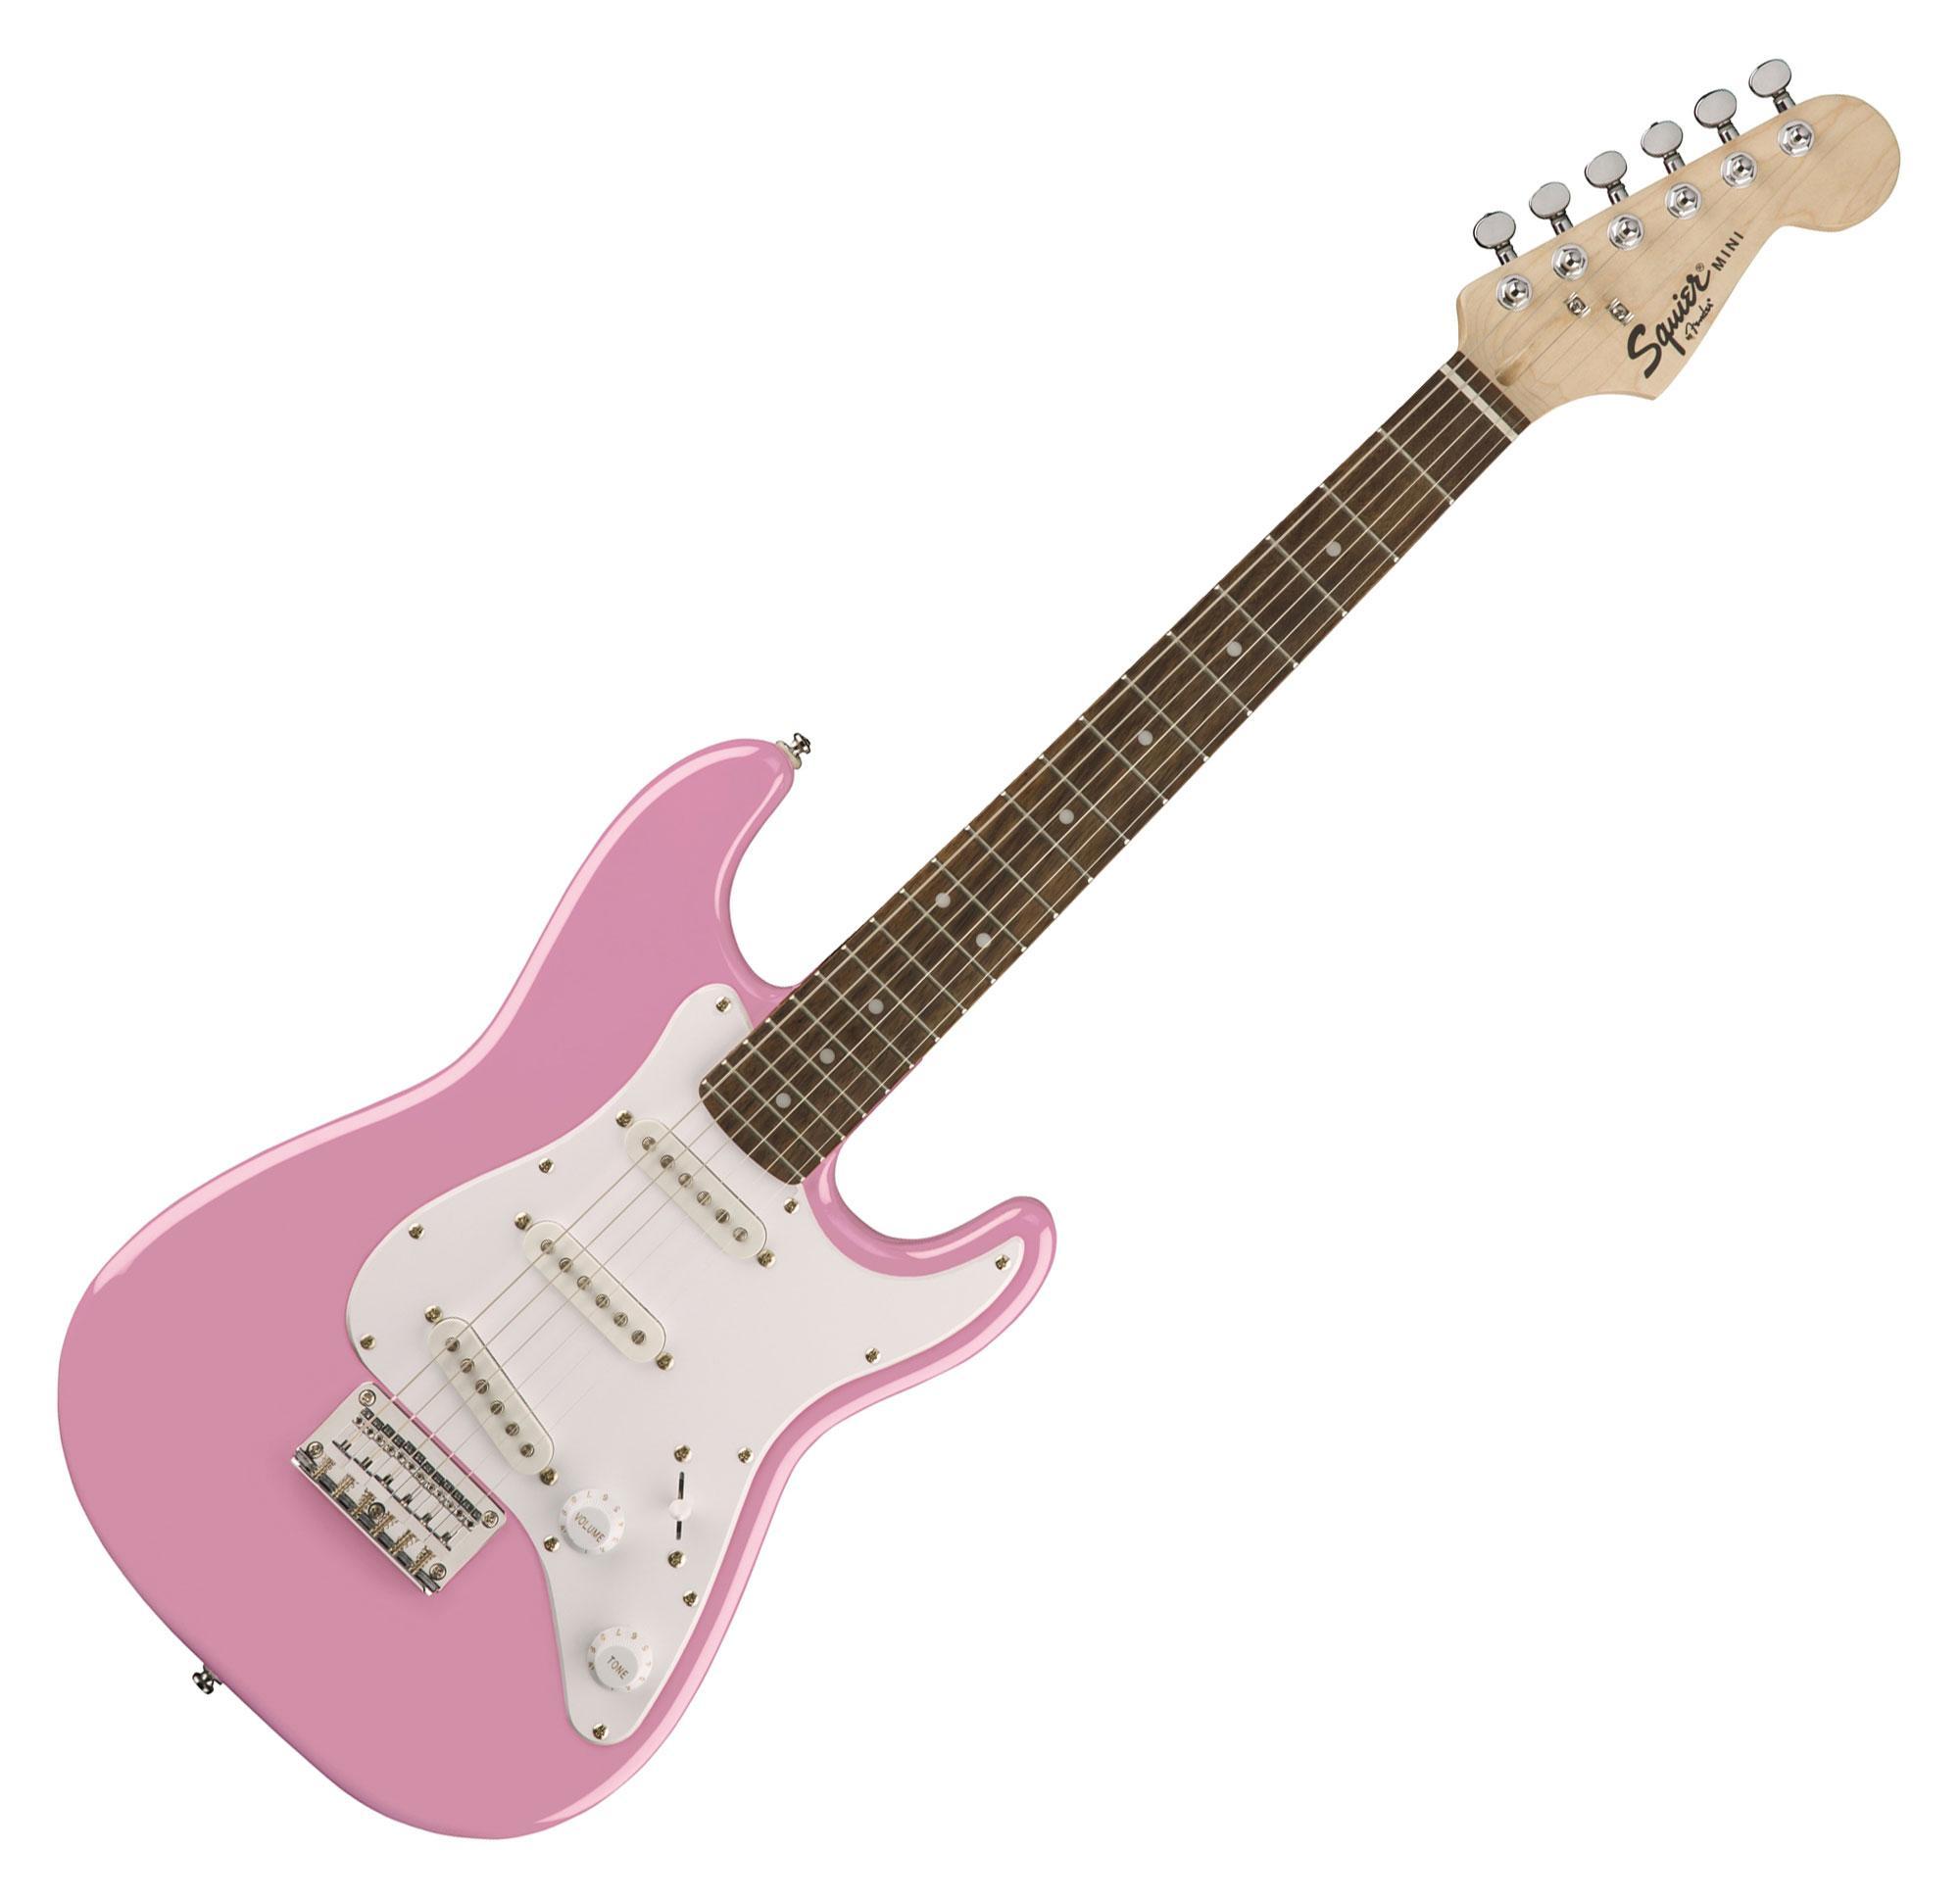 Fender Squier Mini Strat V2 IL PNK Retoure (Zustand sehr gut)